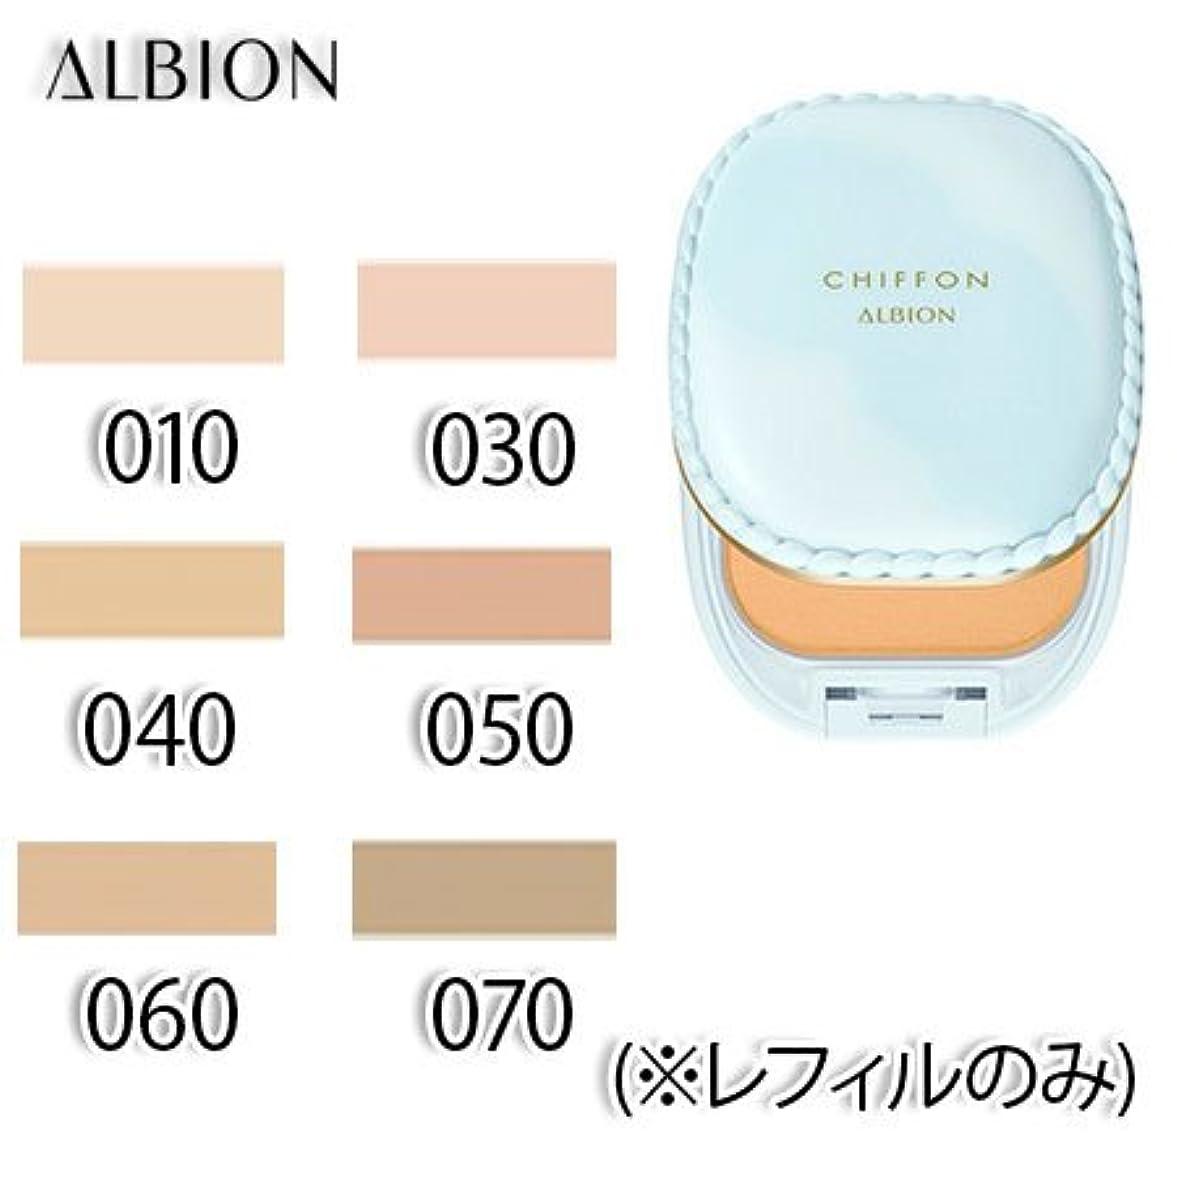 約束する結核ブランドアルビオン スノー ホワイト シフォン 全6色 SPF25?PA++ 10g (レフィルのみ) -ALBION- 050